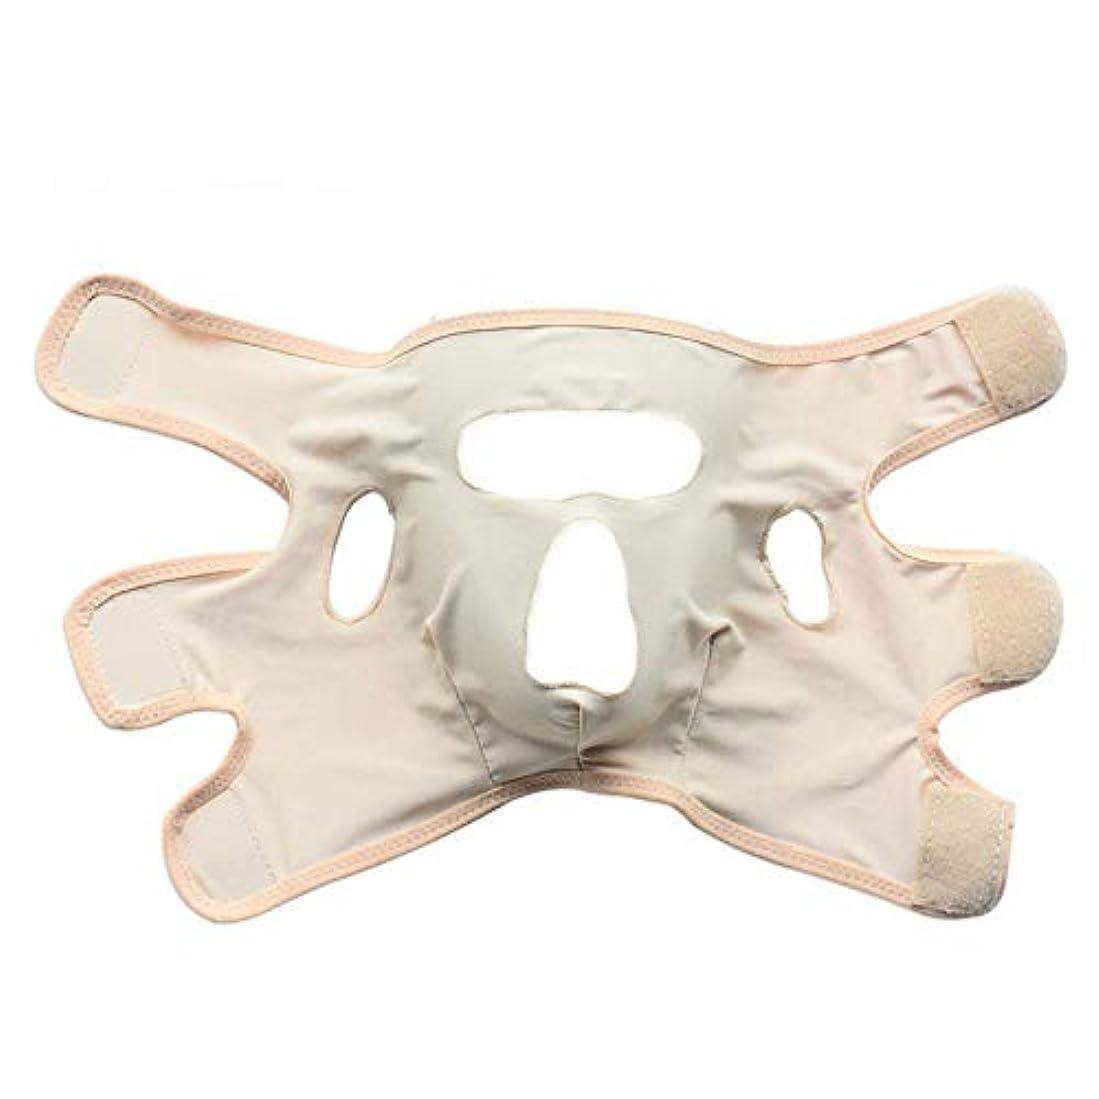 なぜ呼吸する礼拝フェイスリフティング包帯、Vフェイス薄型ダブルチン睡眠タイトリフティング薄型フェイスベルト/リフティングマスク(カラー),M